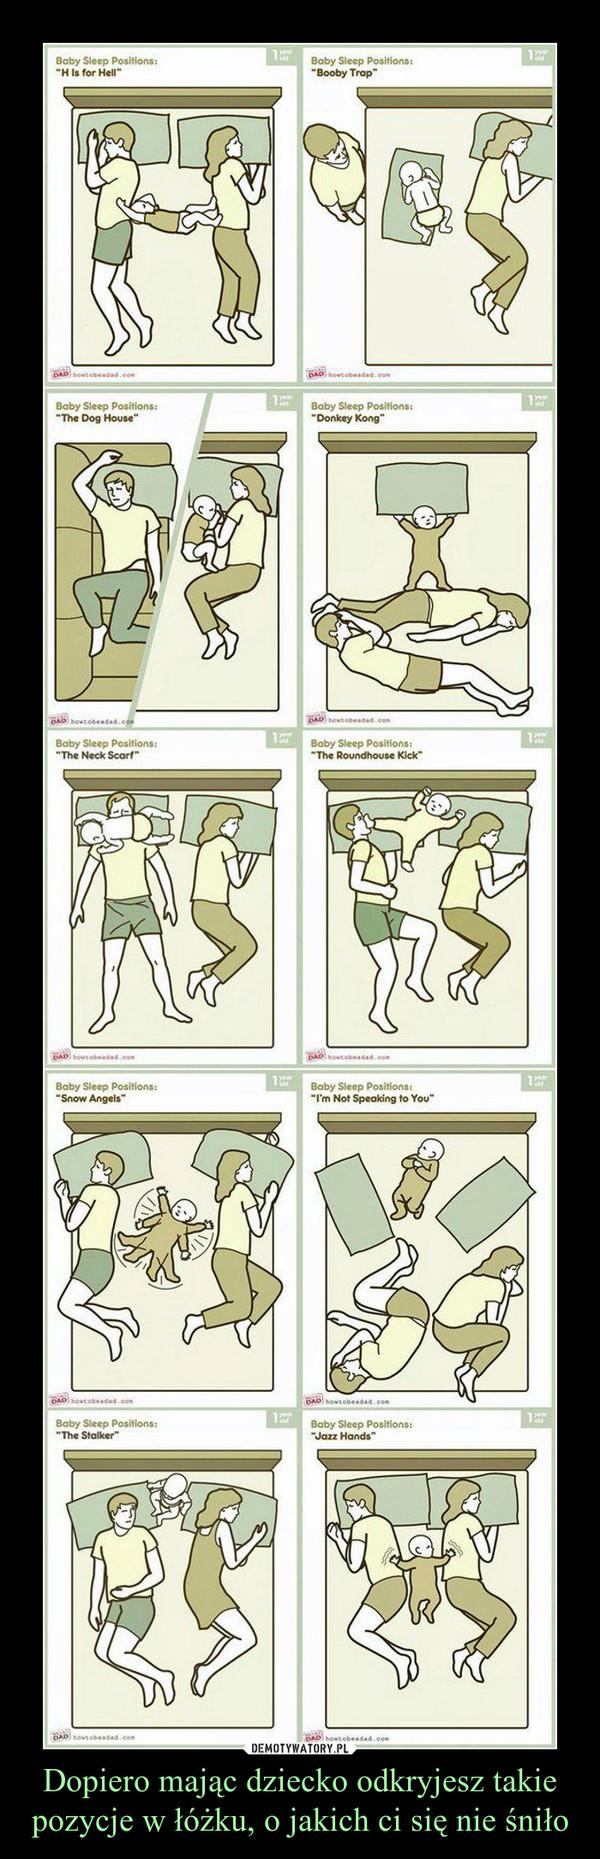 Dopiero mając dziecko odkryjesz takie pozycje w łóżku, o jakich ci się nie śniło –